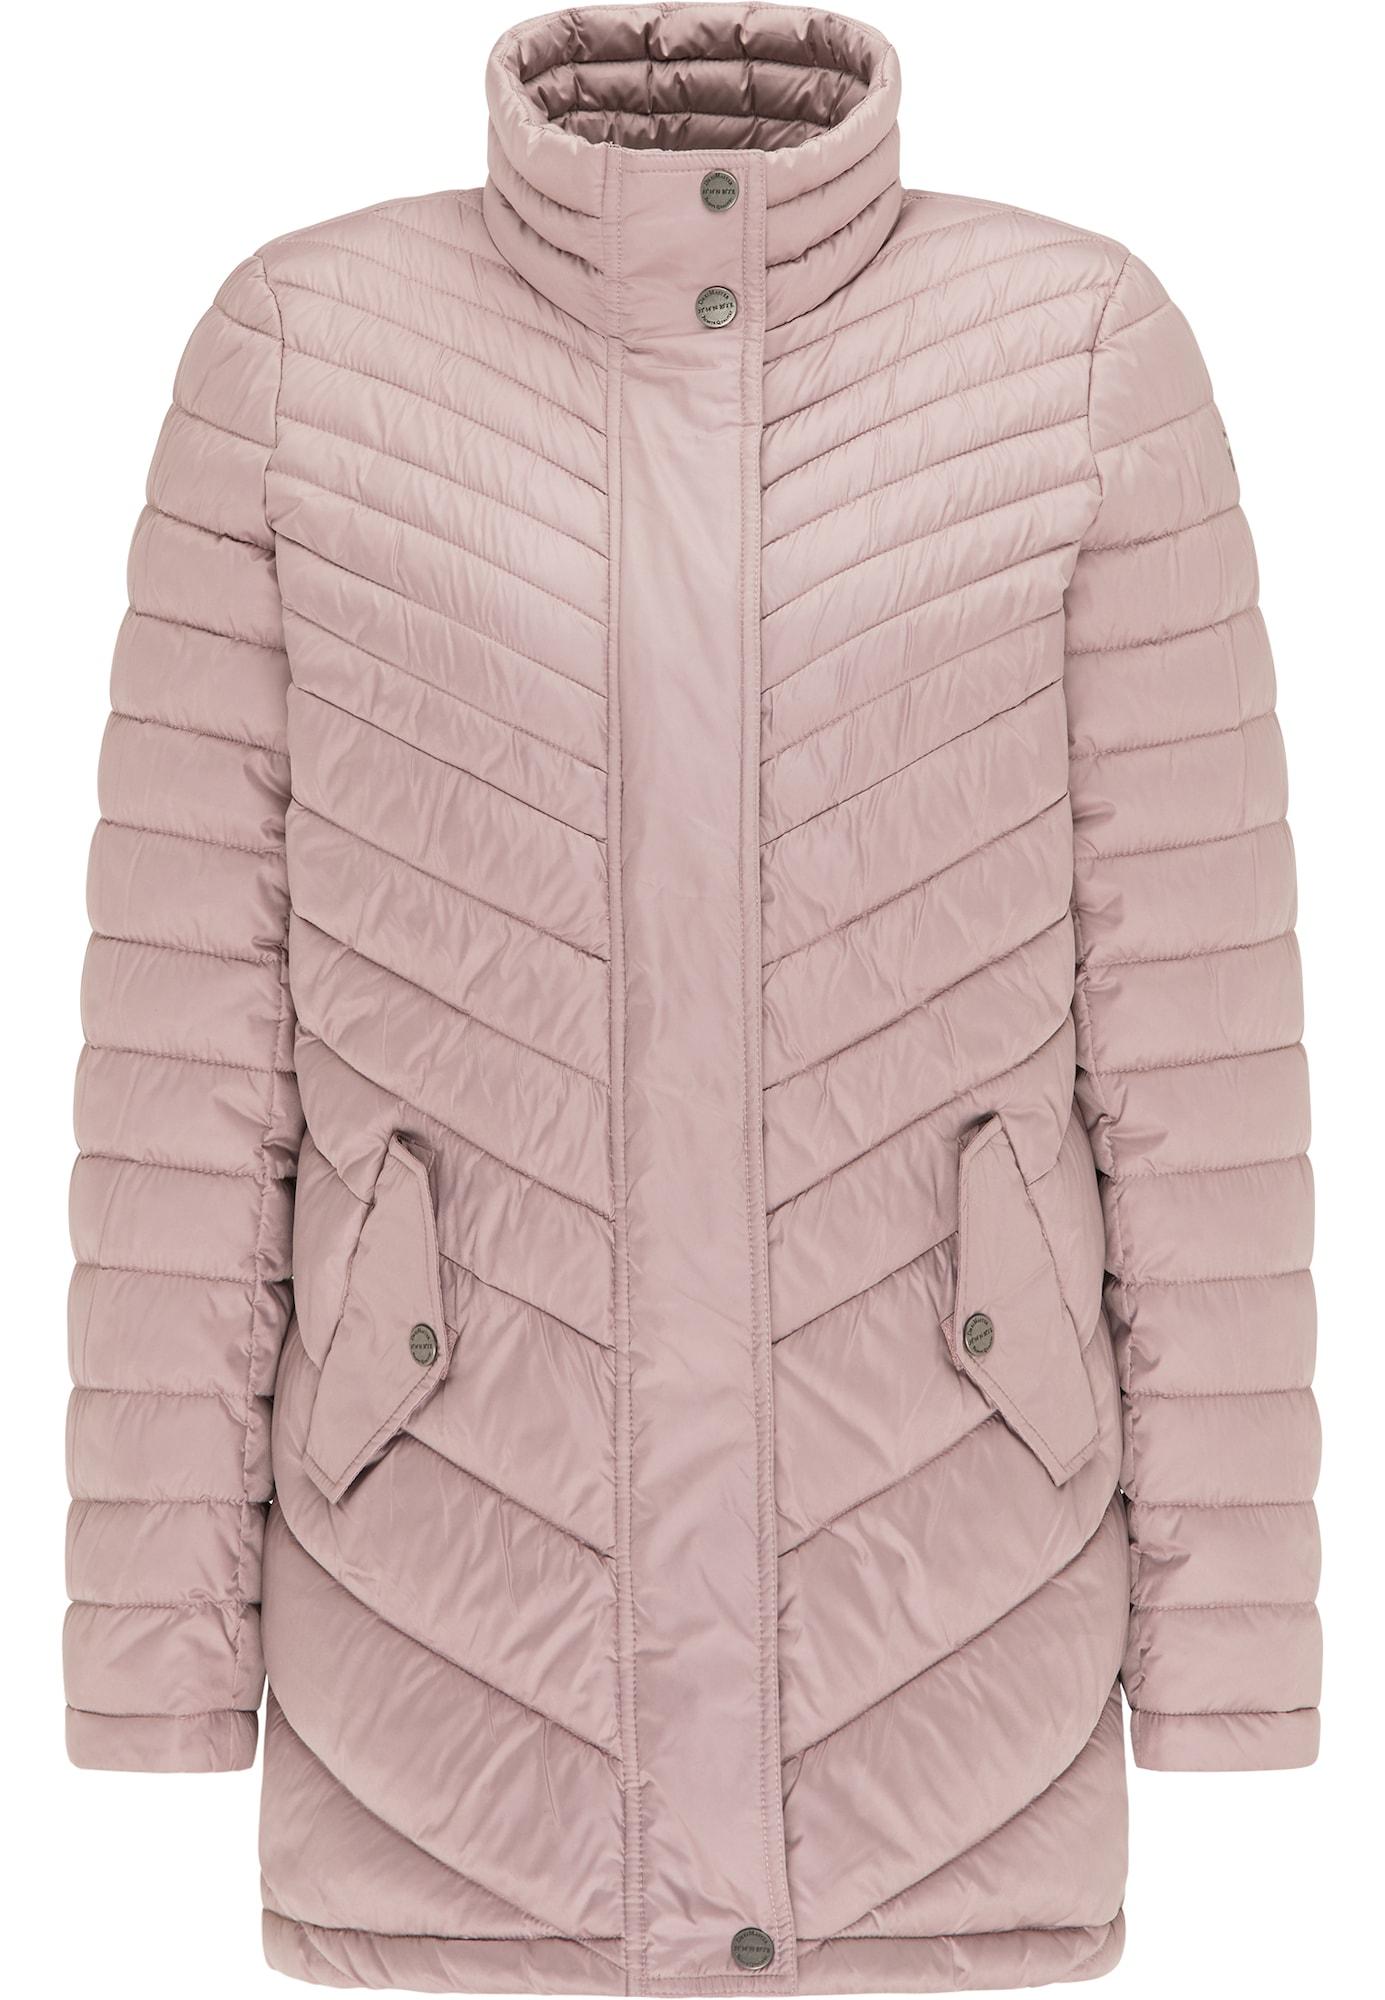 DreiMaster Klassik Žieminis paltas ryškiai rožinė spalva